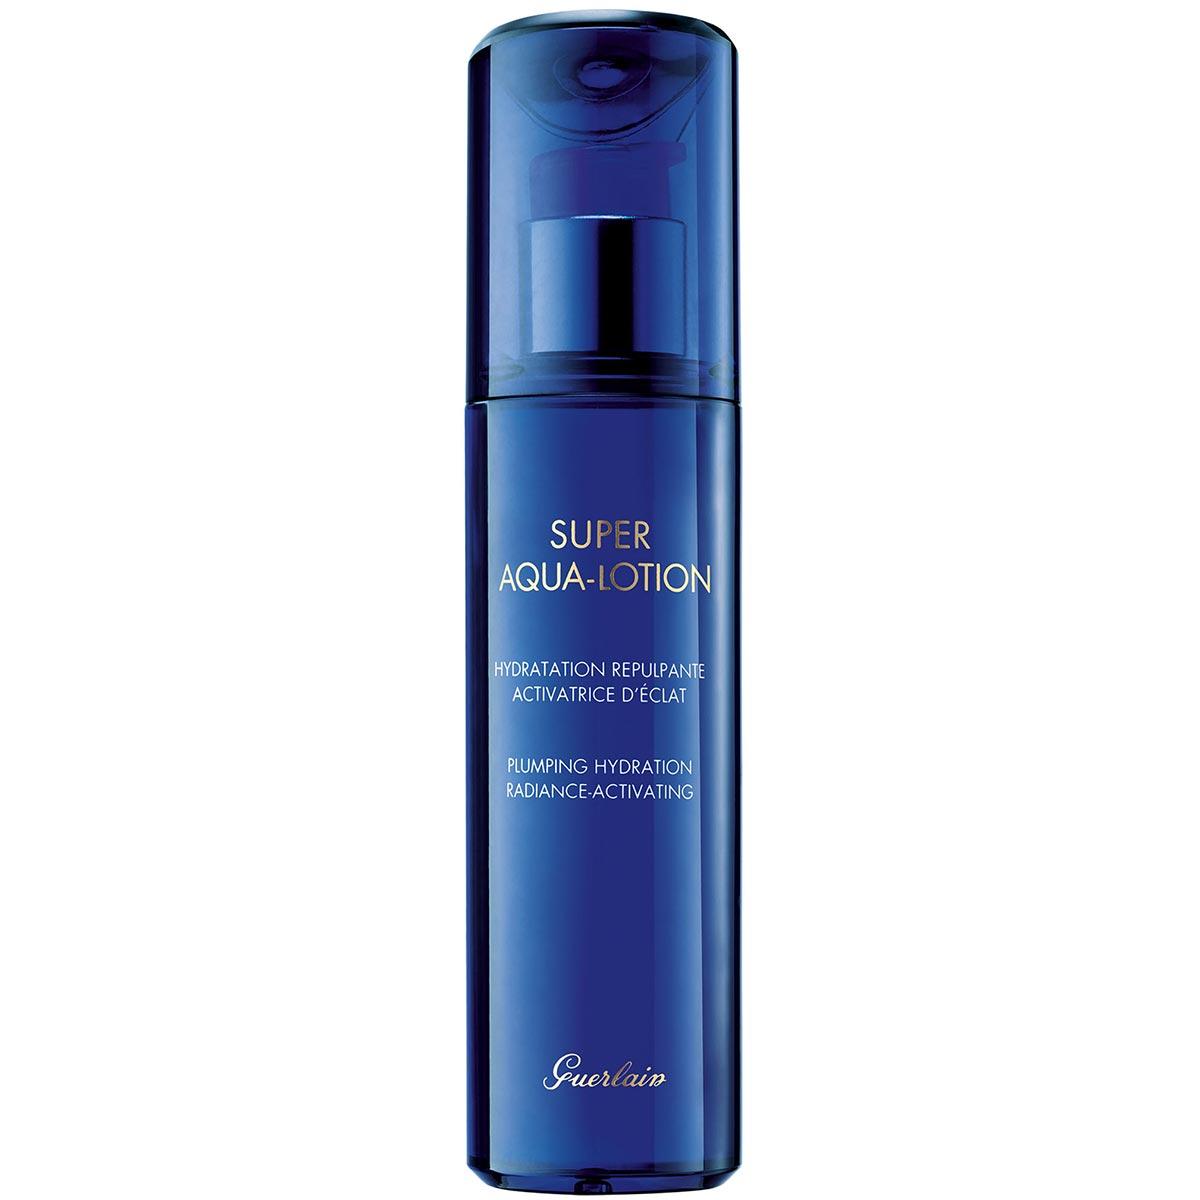 Super Aqua Lotion - Soin visage - GUERLAIN